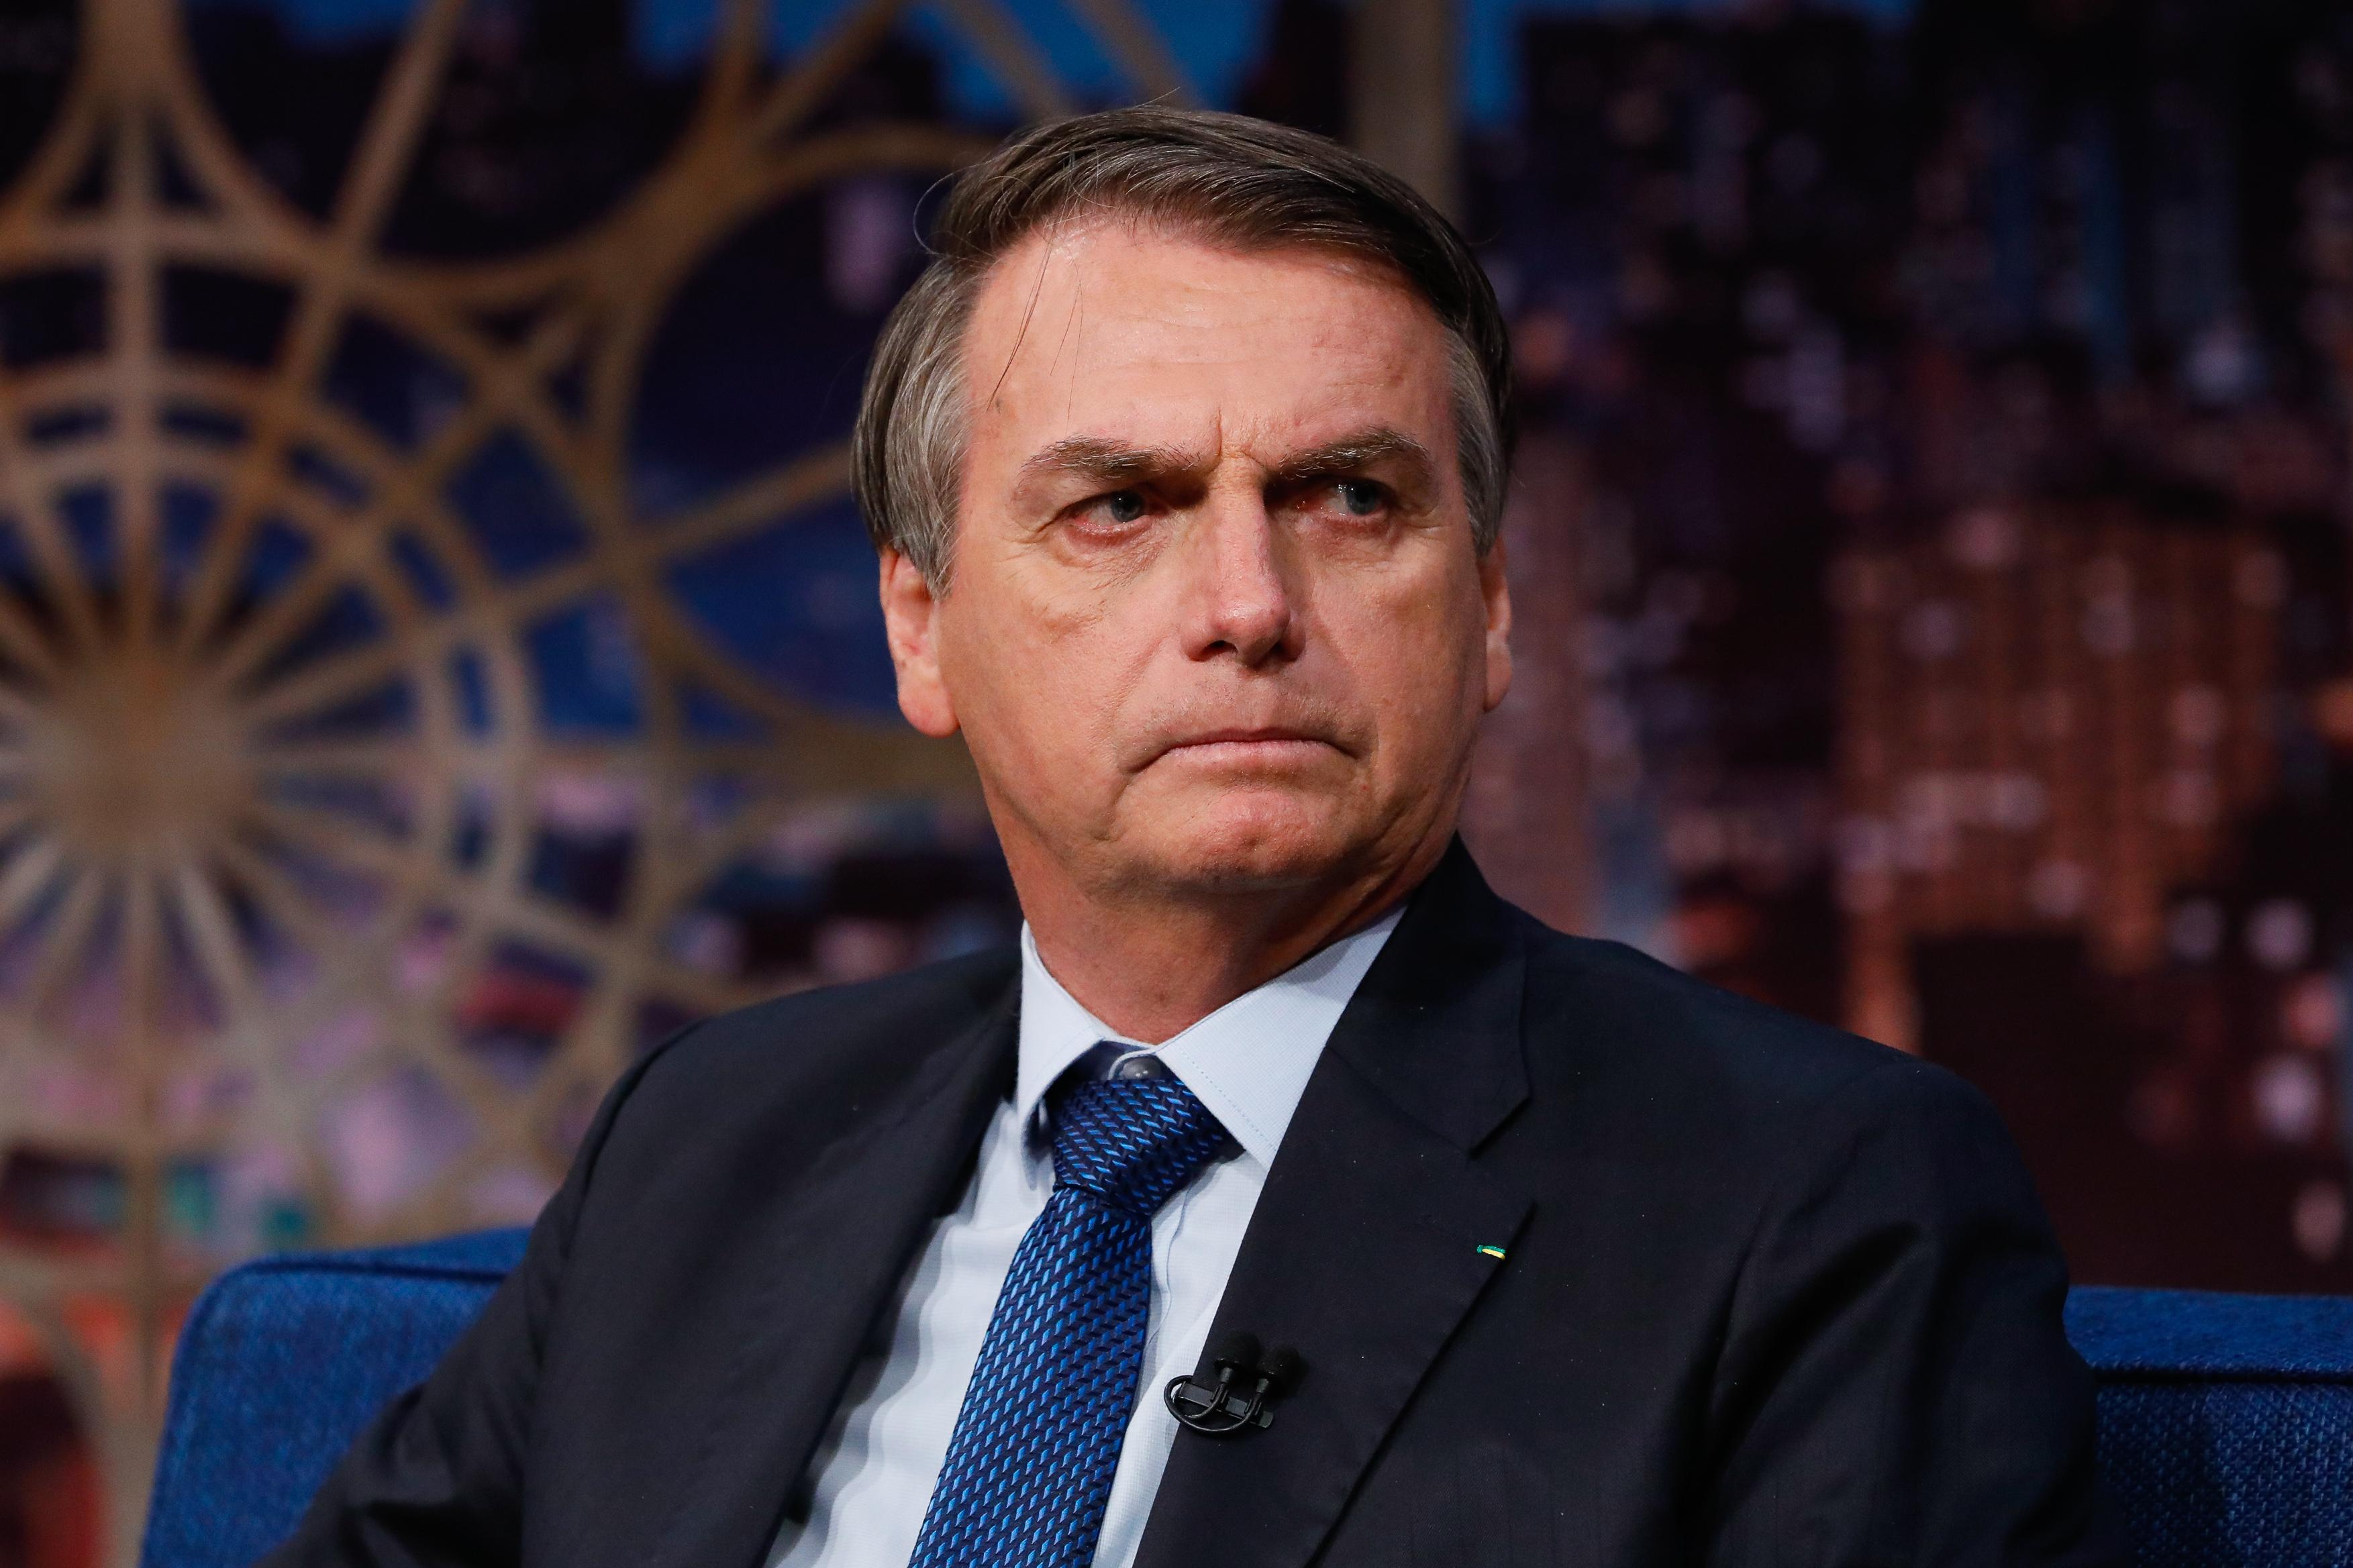 IMAGEM: Amigo de Bolsonaro ganha salário de R$ 55 mil na Petrobras